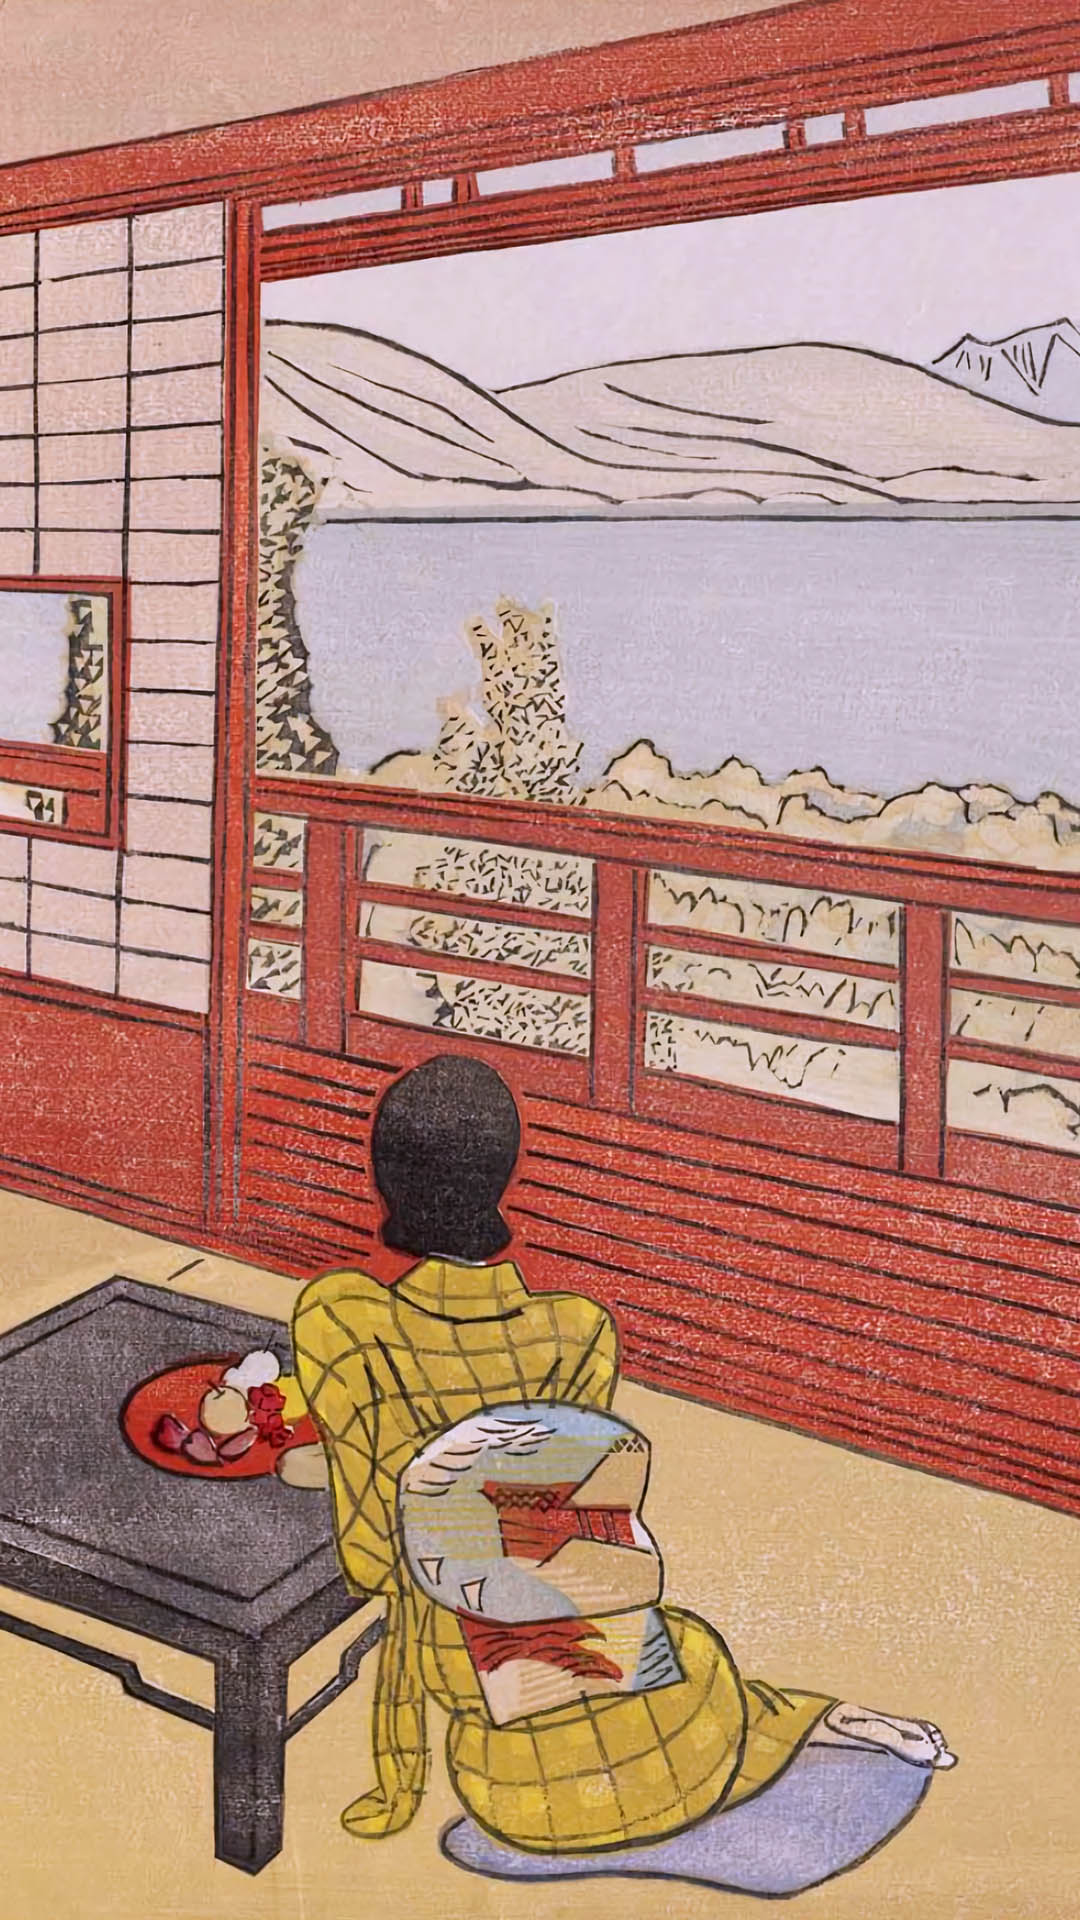 Maekawa Senpan - Umi no mieru yado 1080x1920